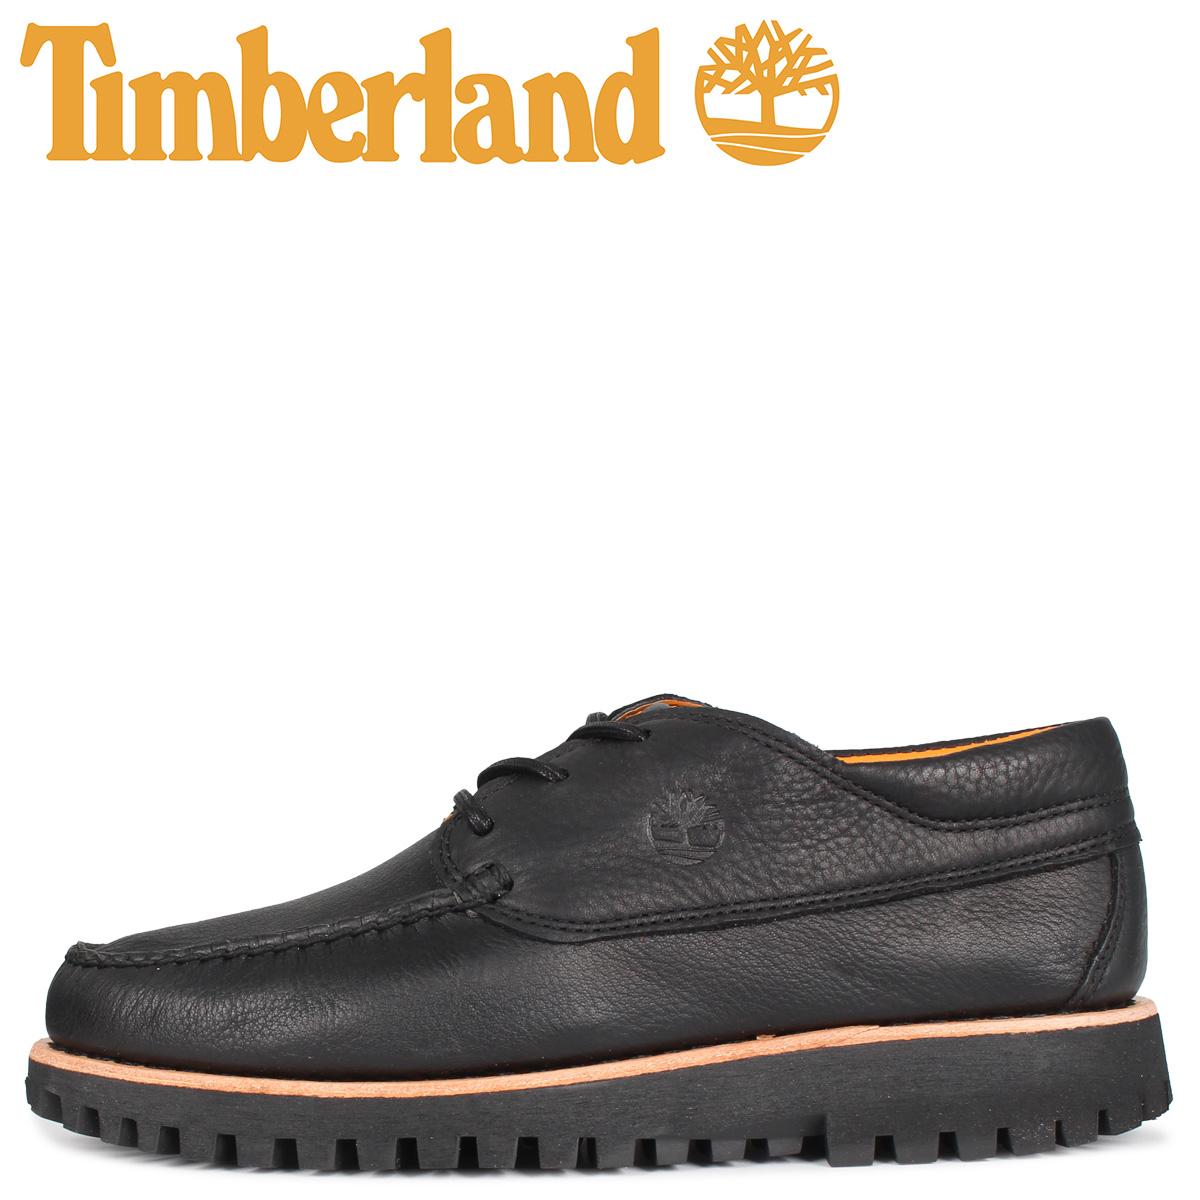 Timberland ティンバーランド ジャクソンズ ランディング オックスフォード シューズ メンズ JACKSONS LANDING HS MOC ブラック 黒 A29YB [5/1 新入荷]